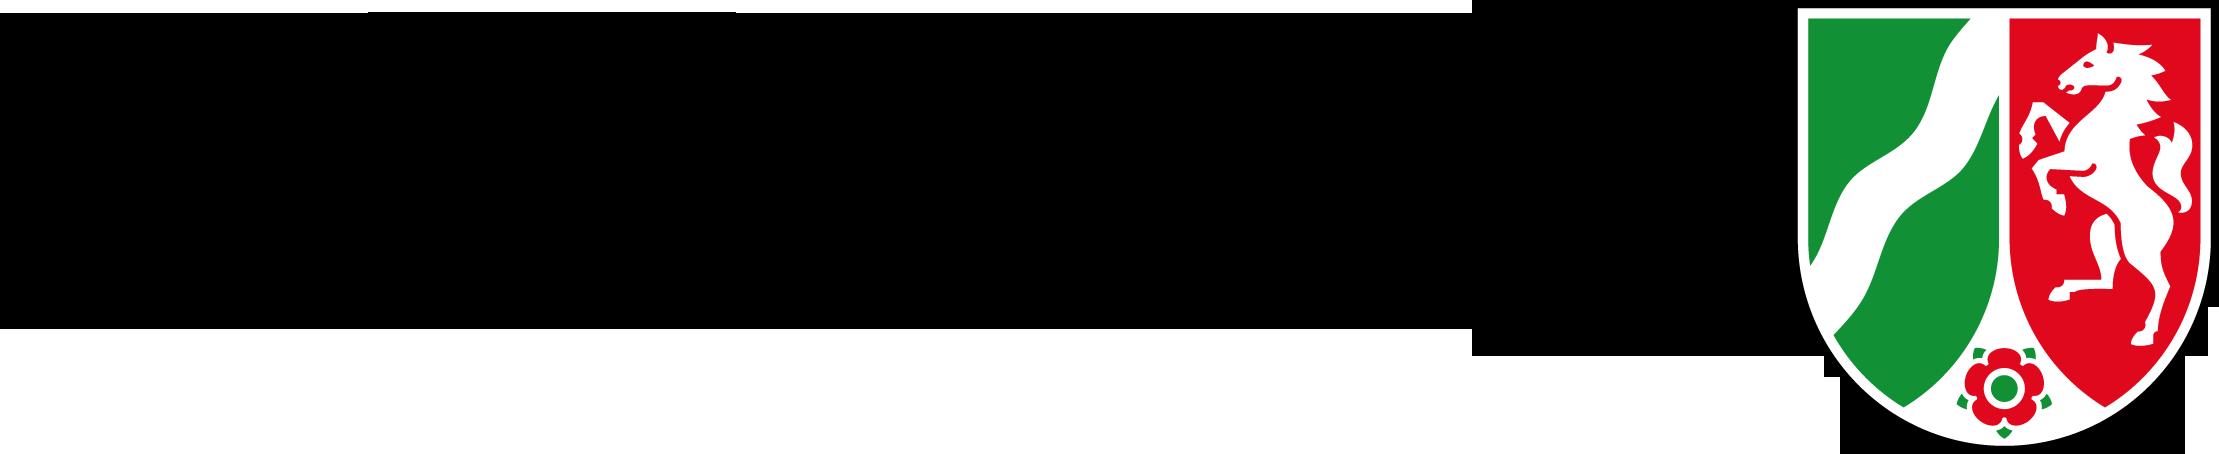 Logo des MFKJKS NRW